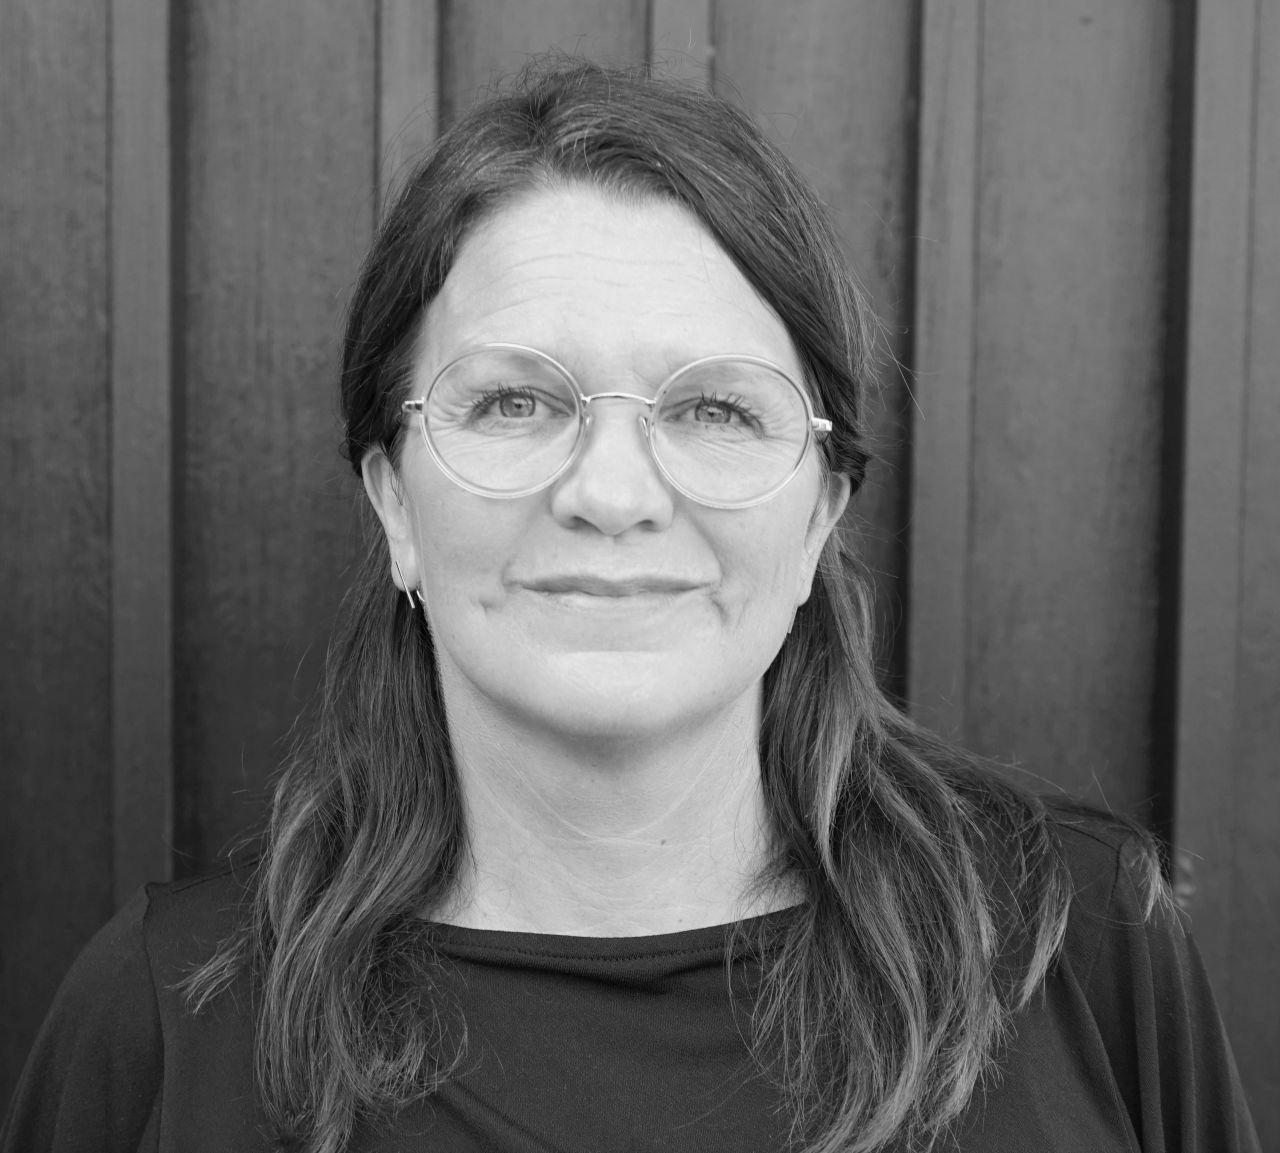 Projektchef Anja i sort og hvid profilbillede